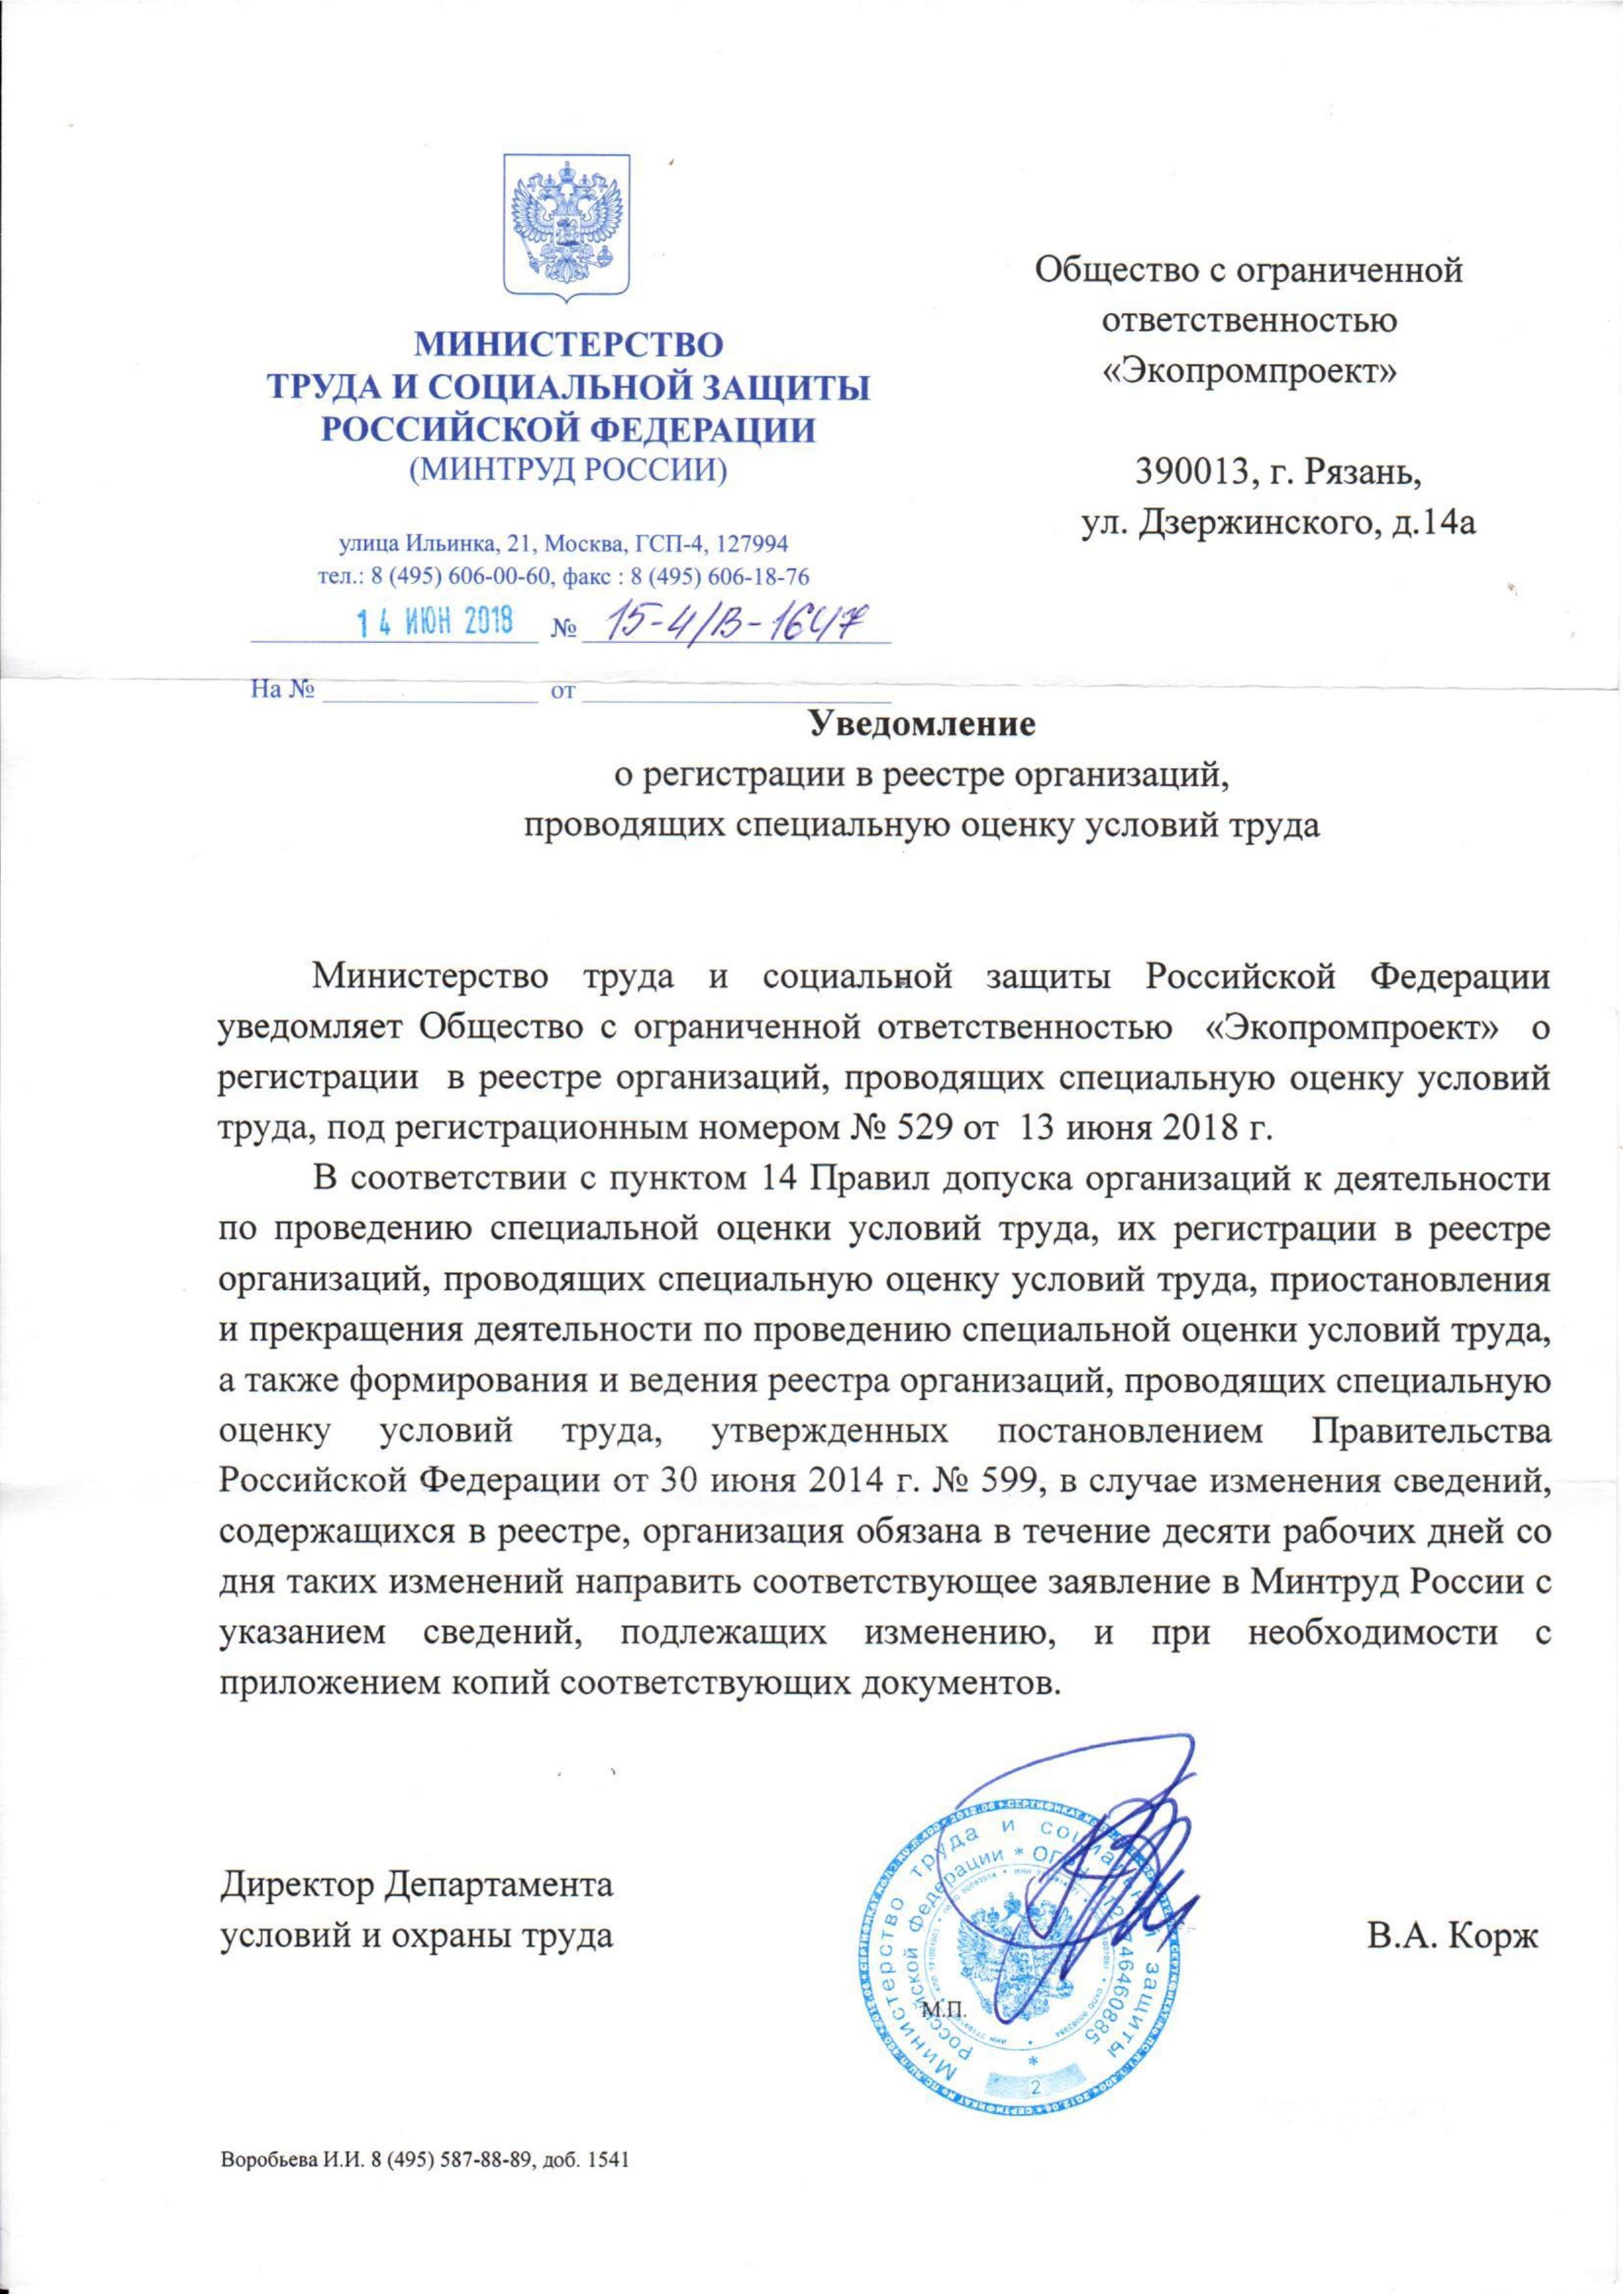 Уведомление Экопромпроекта о внесении в реестр